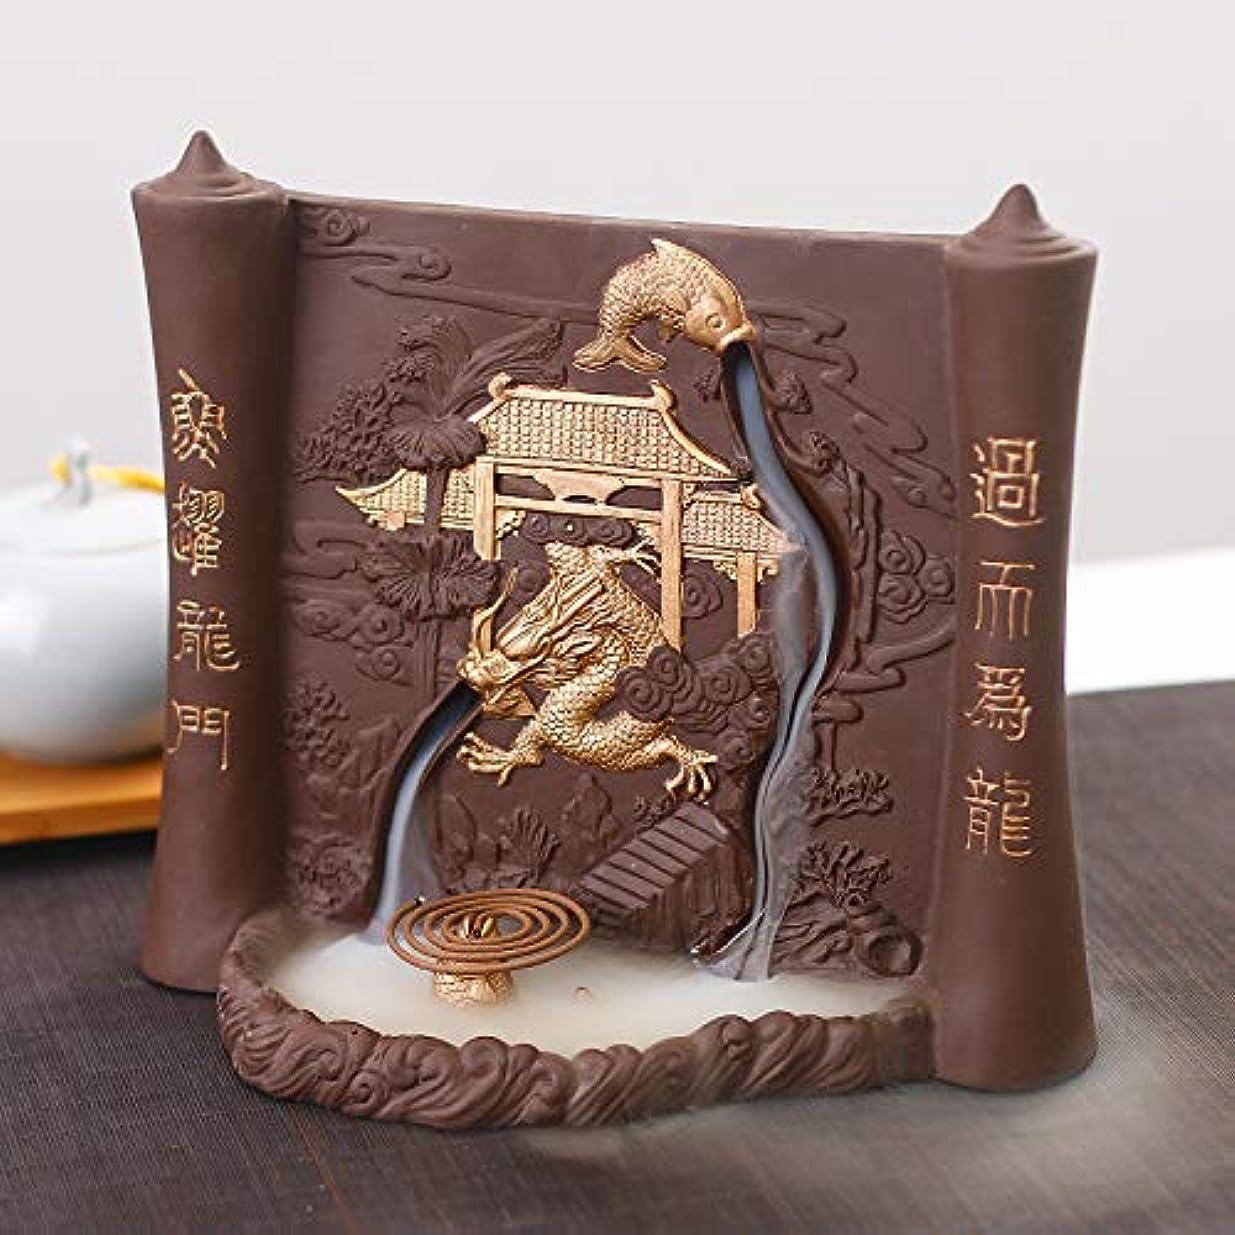 操る北極圏チームPHILOGOD 香炉 陶器漢字彫刻レリーフ手作り逆流香炉 線香立て デュアルユース お香 ホルダー